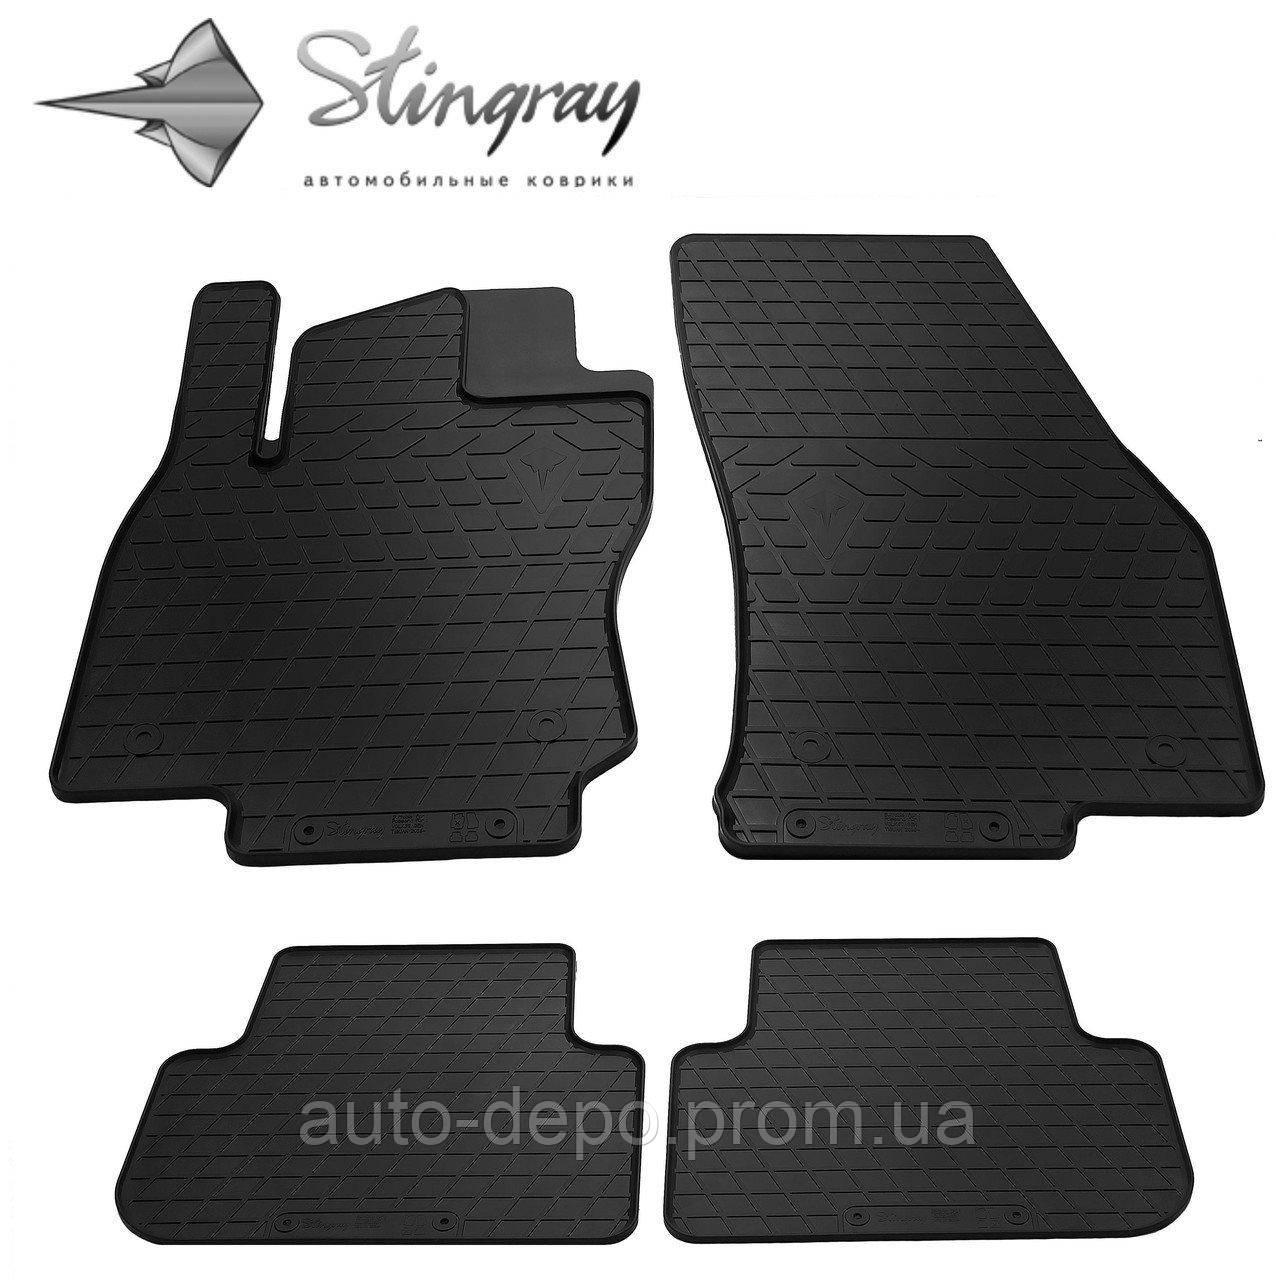 Килимки автомобільні для Volkswagen Tiguan 2016 - Stingray